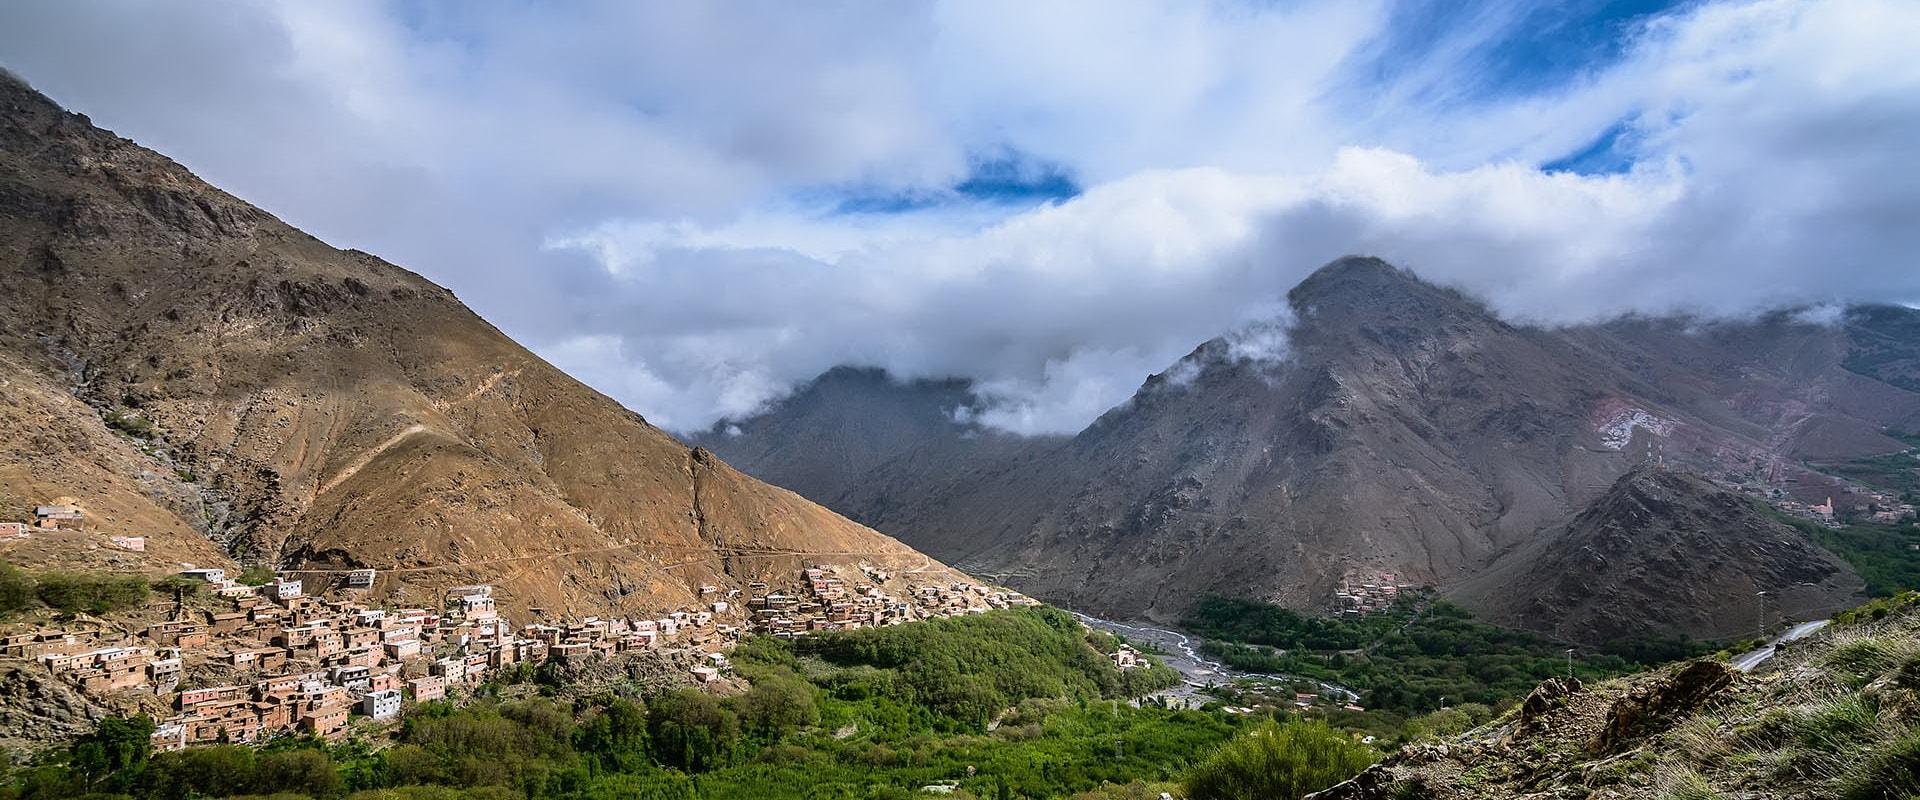 Voyages Expeditions Maroc - les villages berberes et le haut atlas